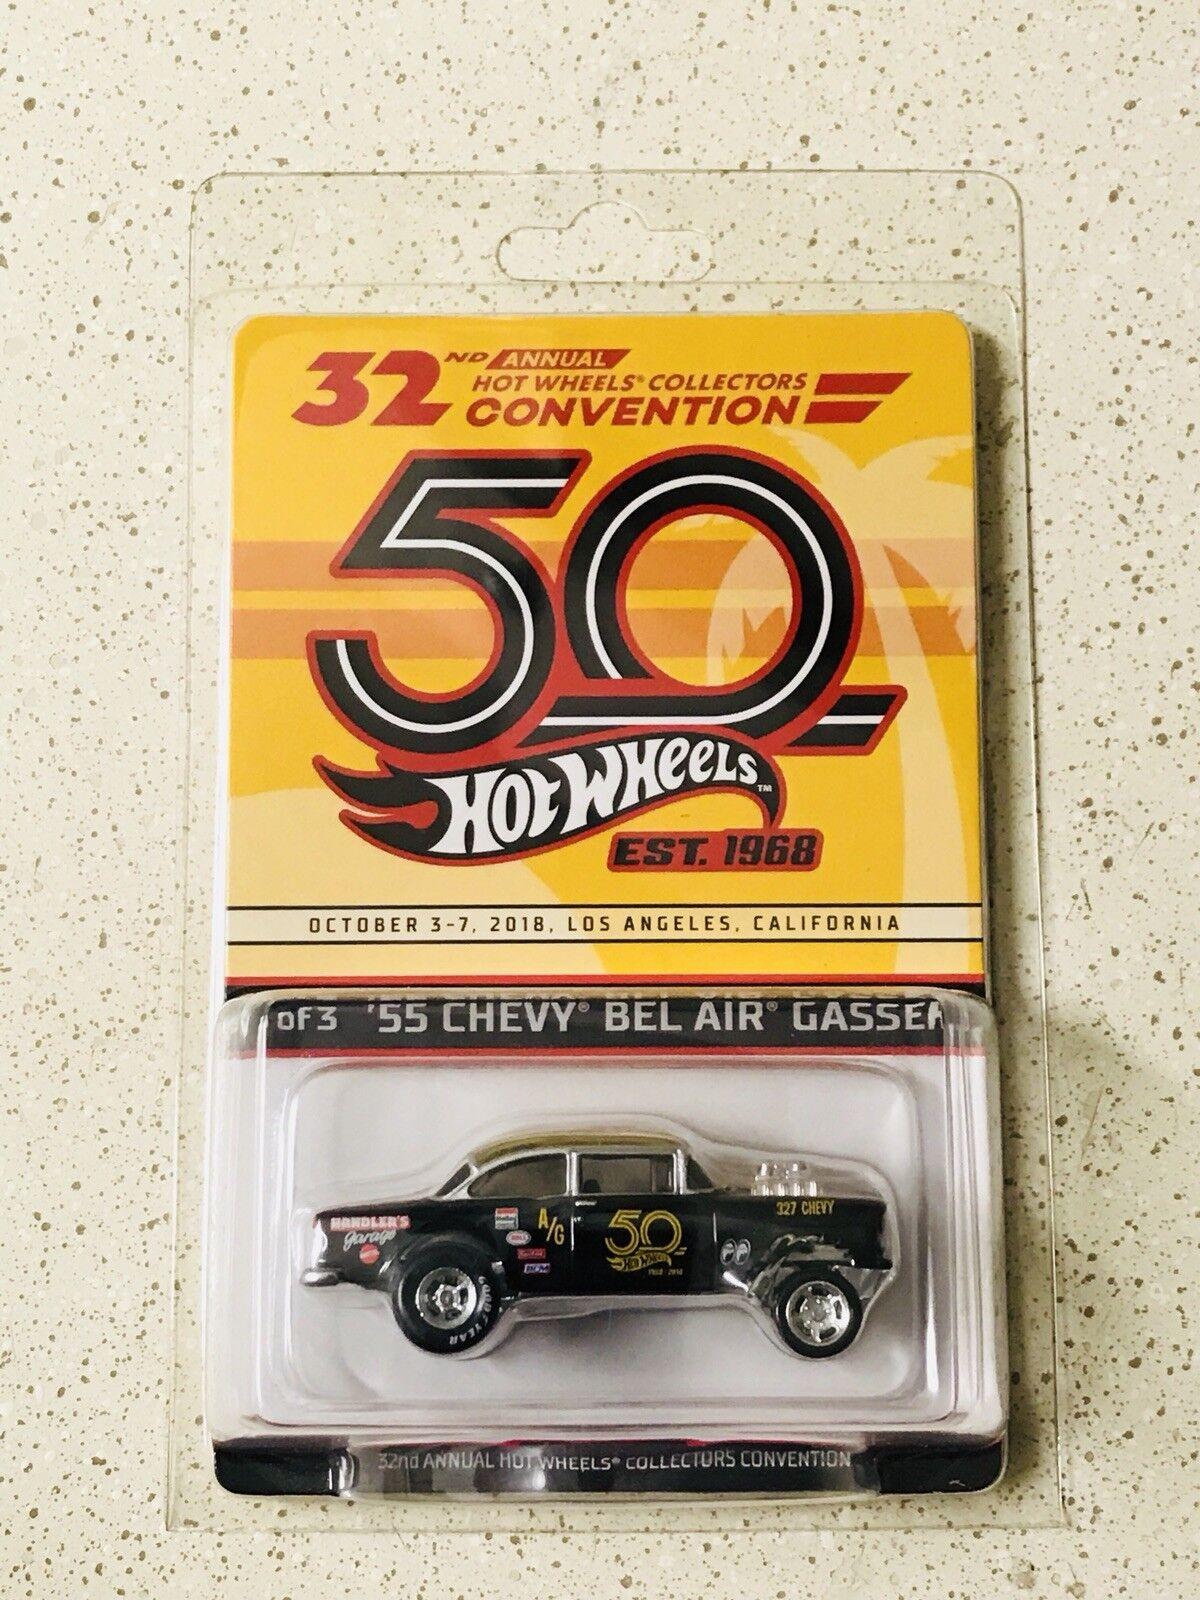 alta calidad 2018 Hot Wheels 32nd convención anual de de de coleccionistas'55 Chevy Bel Air Gasser  se descuenta